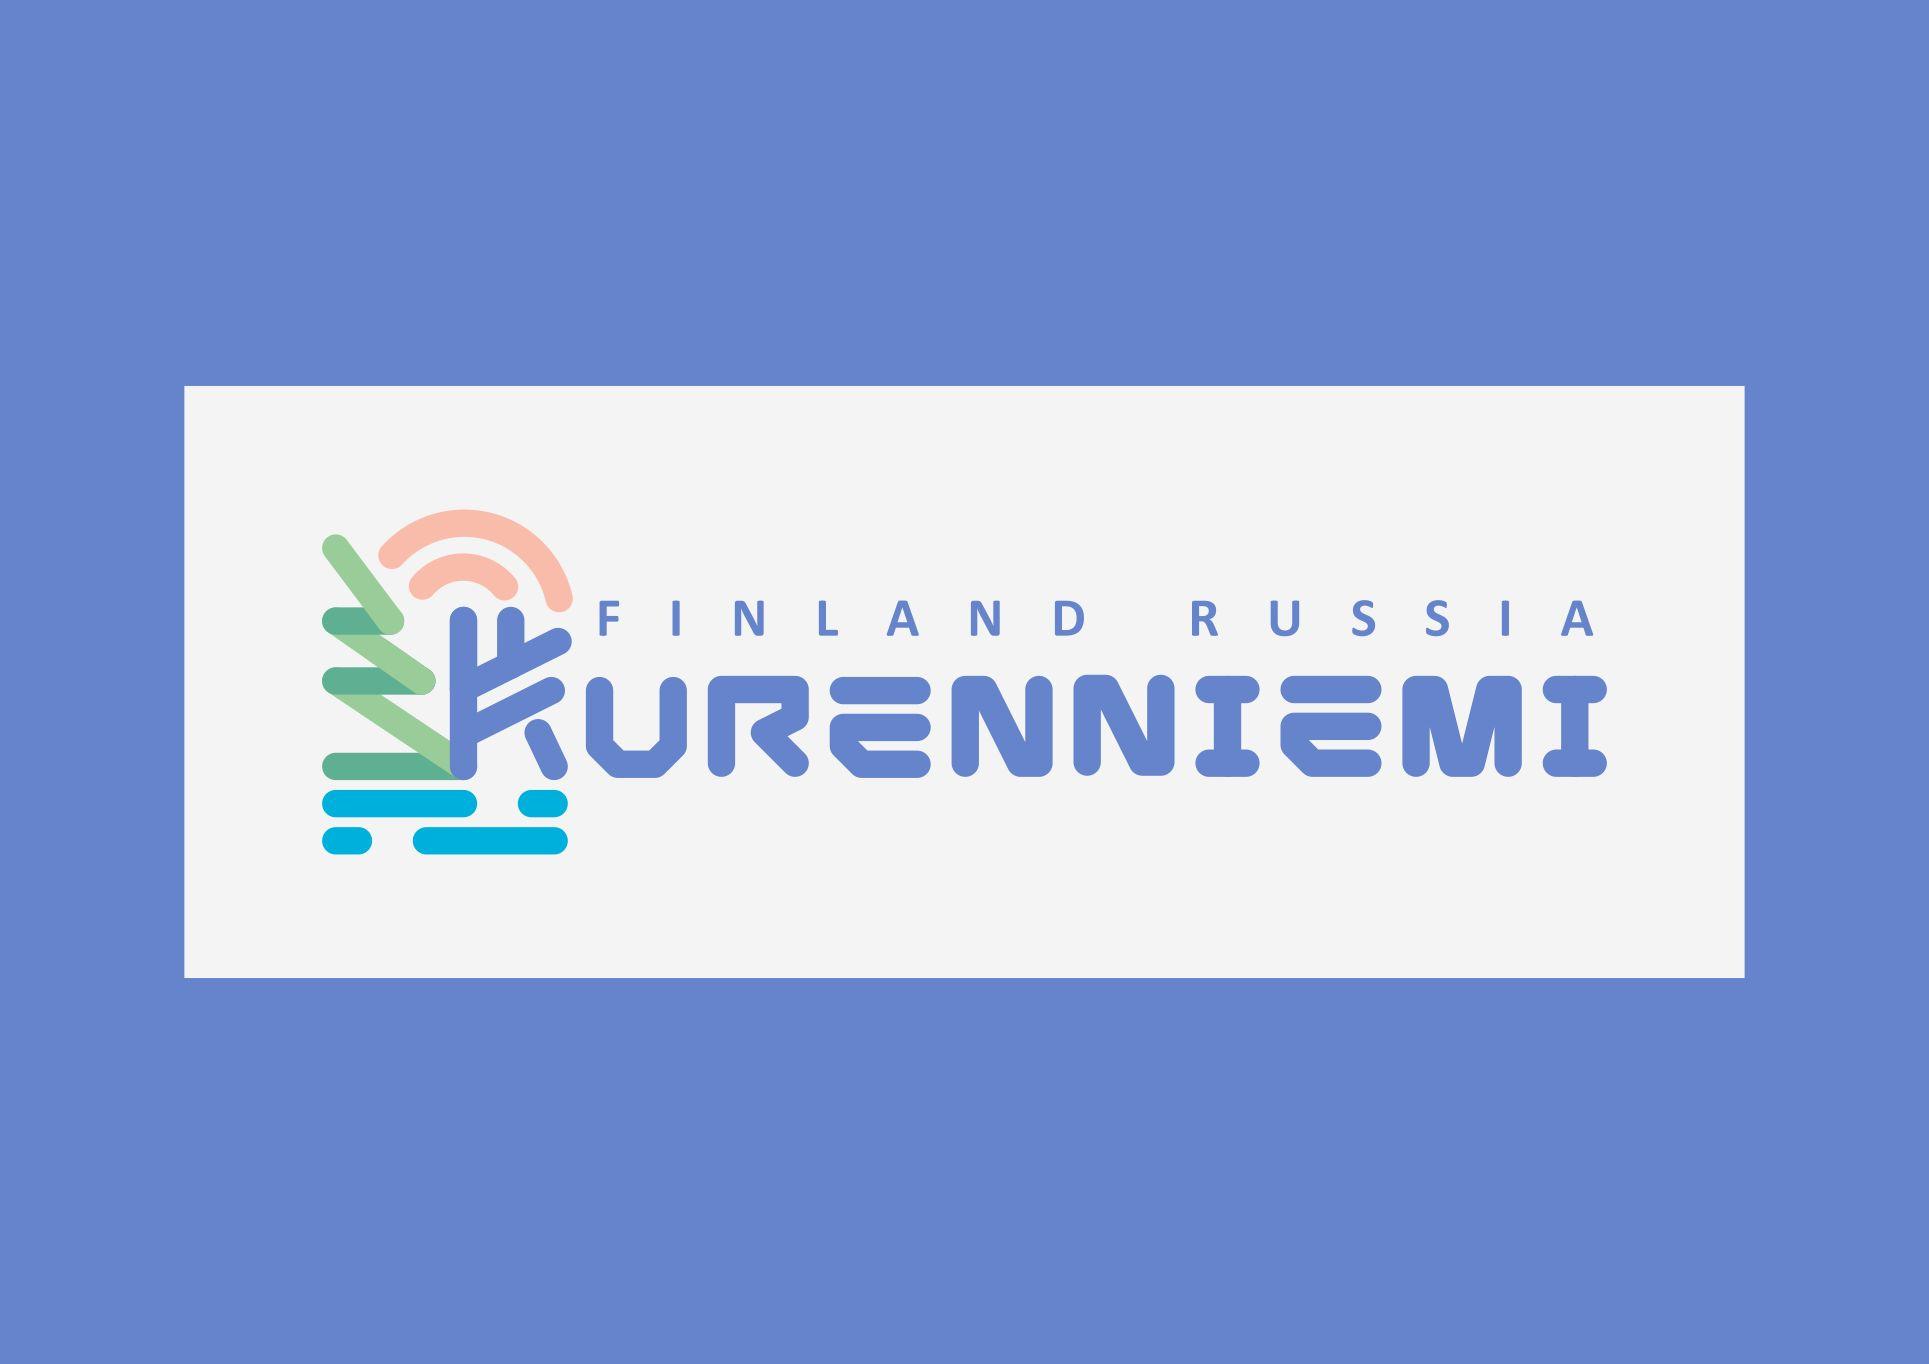 Логотип для Kurenniemi, FinAgRu-nat, Finland-Russia - дизайнер AnatoliyInvito